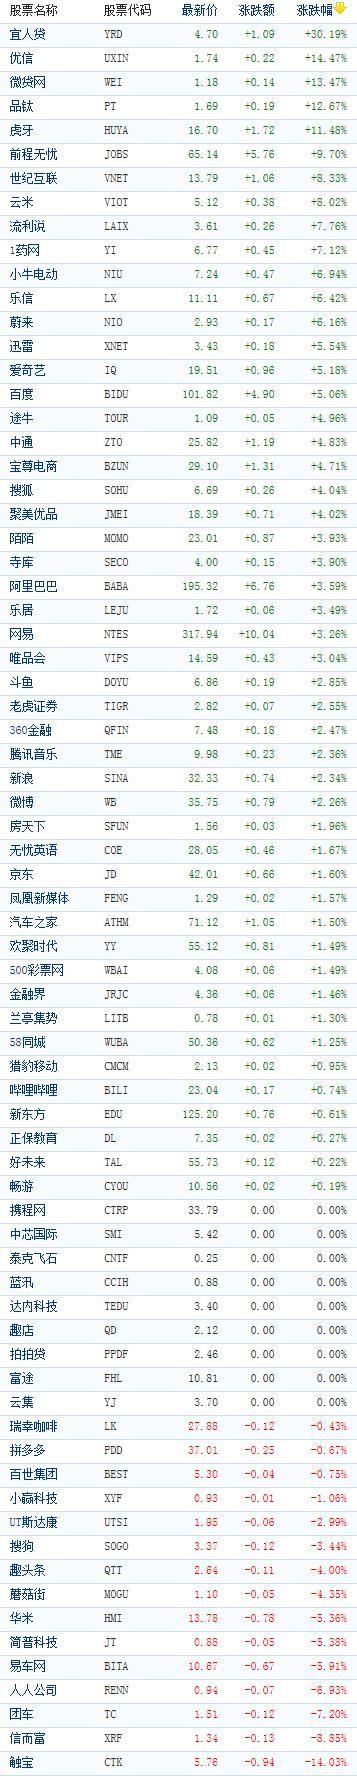 [中国]中国概念股周四收盘多数上涨 宜人贷大涨逾30%